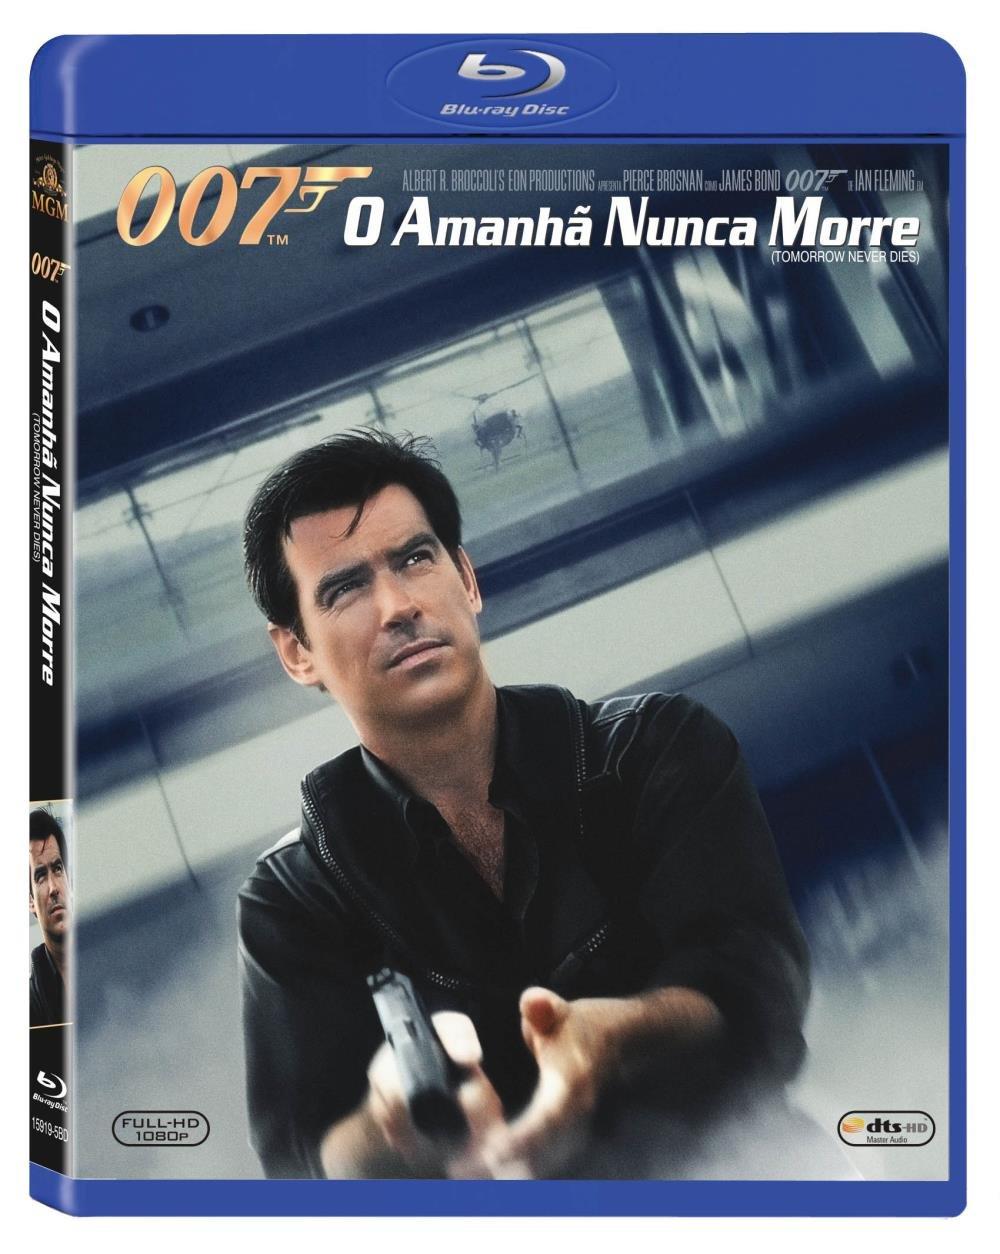 007 O Amanha Nunca Morre Blu Ray Saraiva